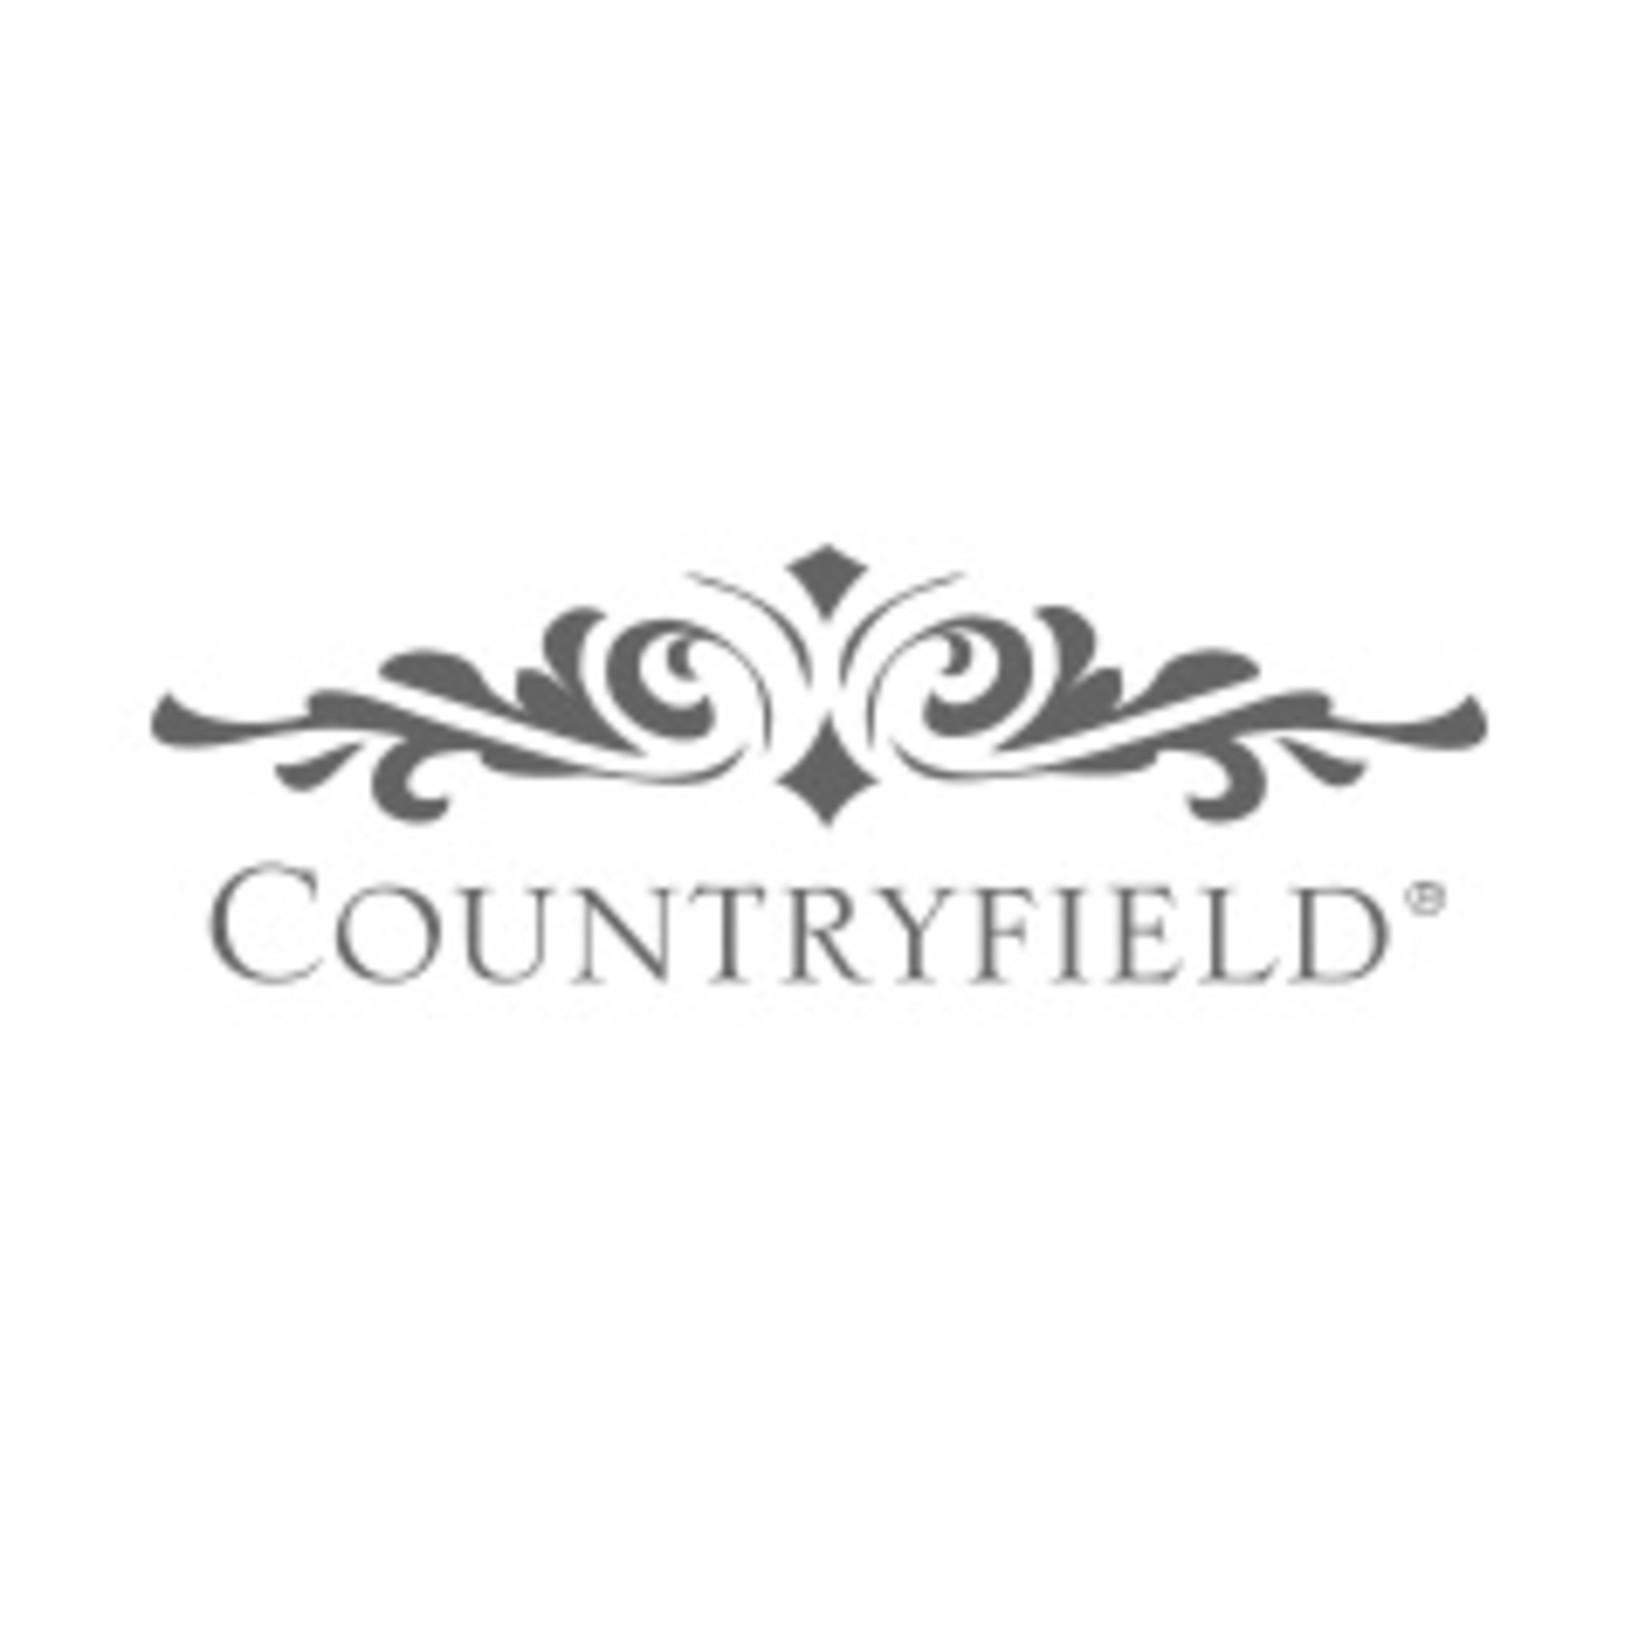 Countryfield Zak m/zand Jamey wit